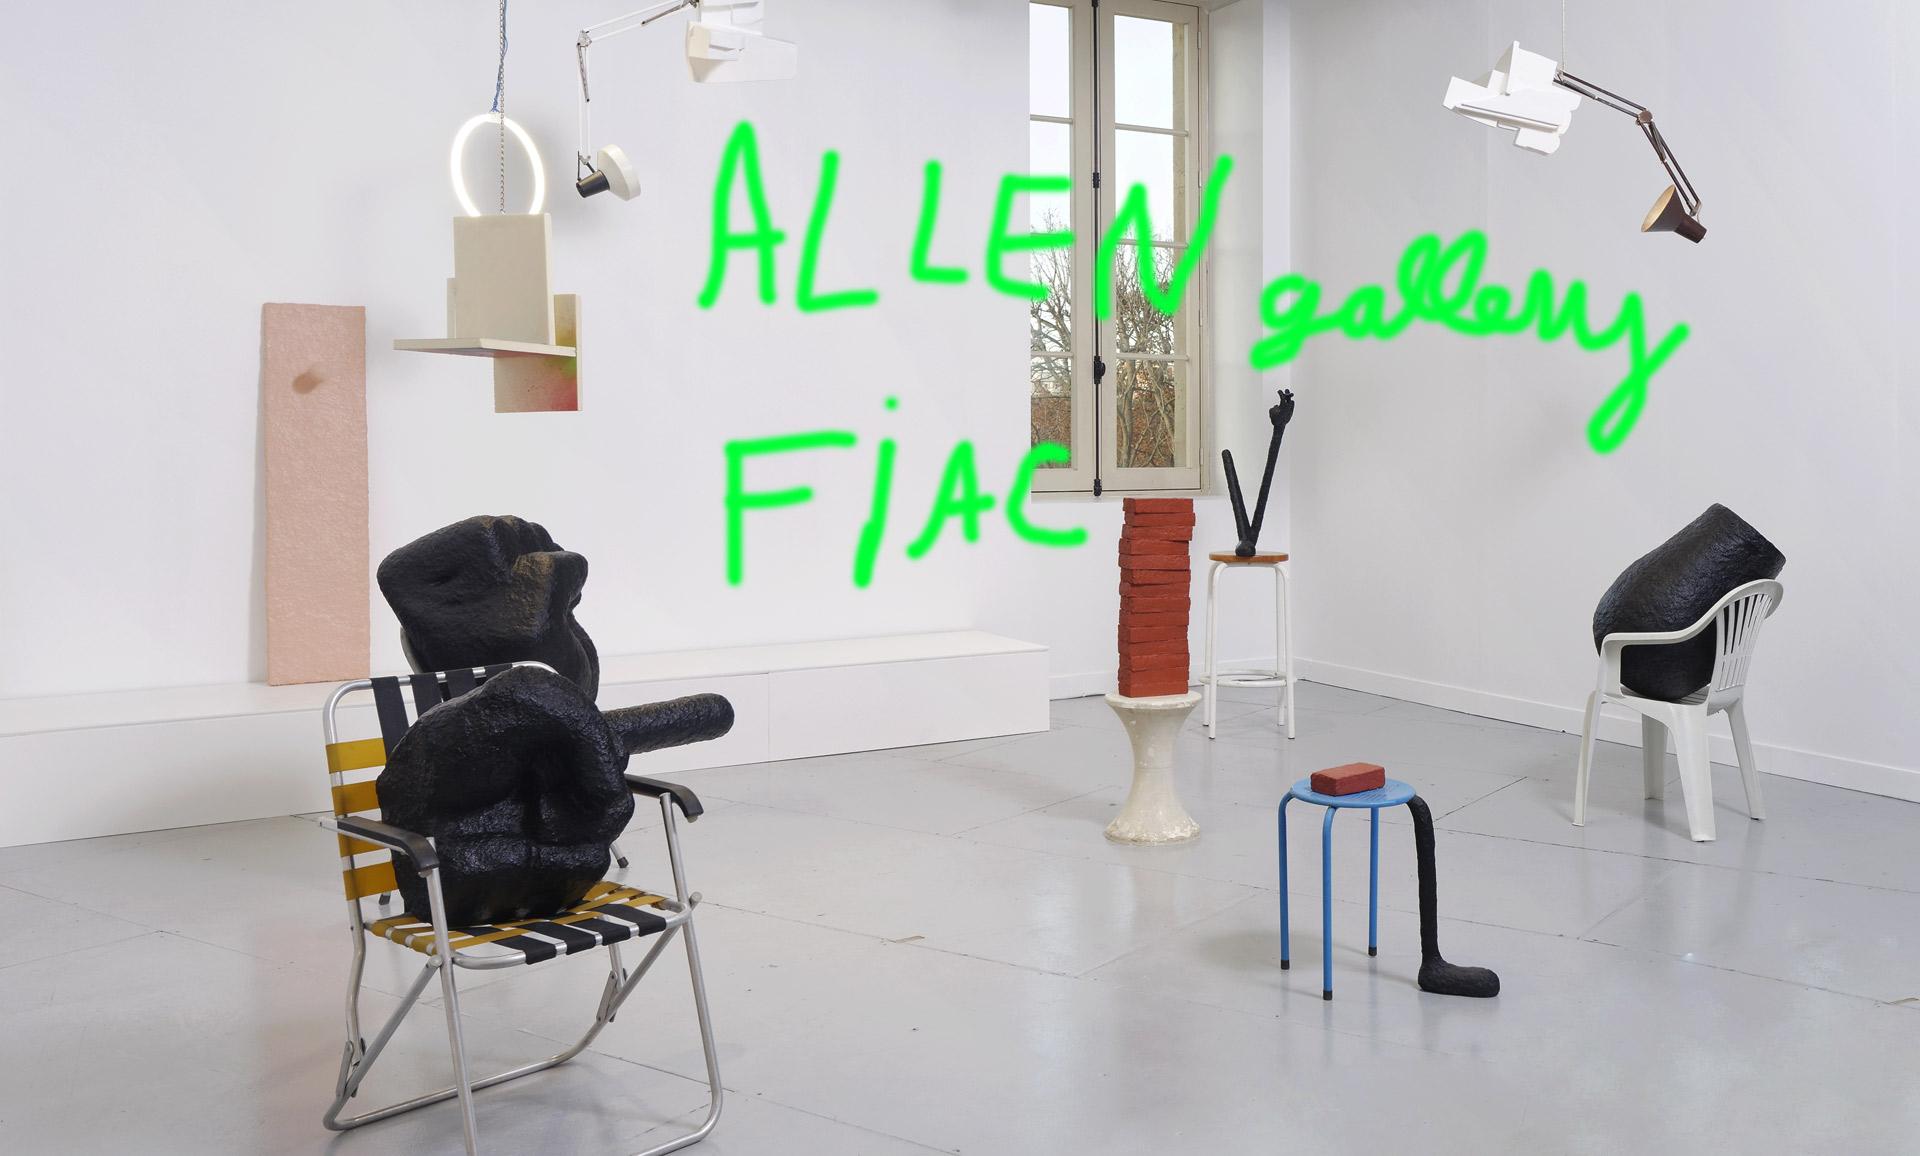 fiac-2016-allen-001-small